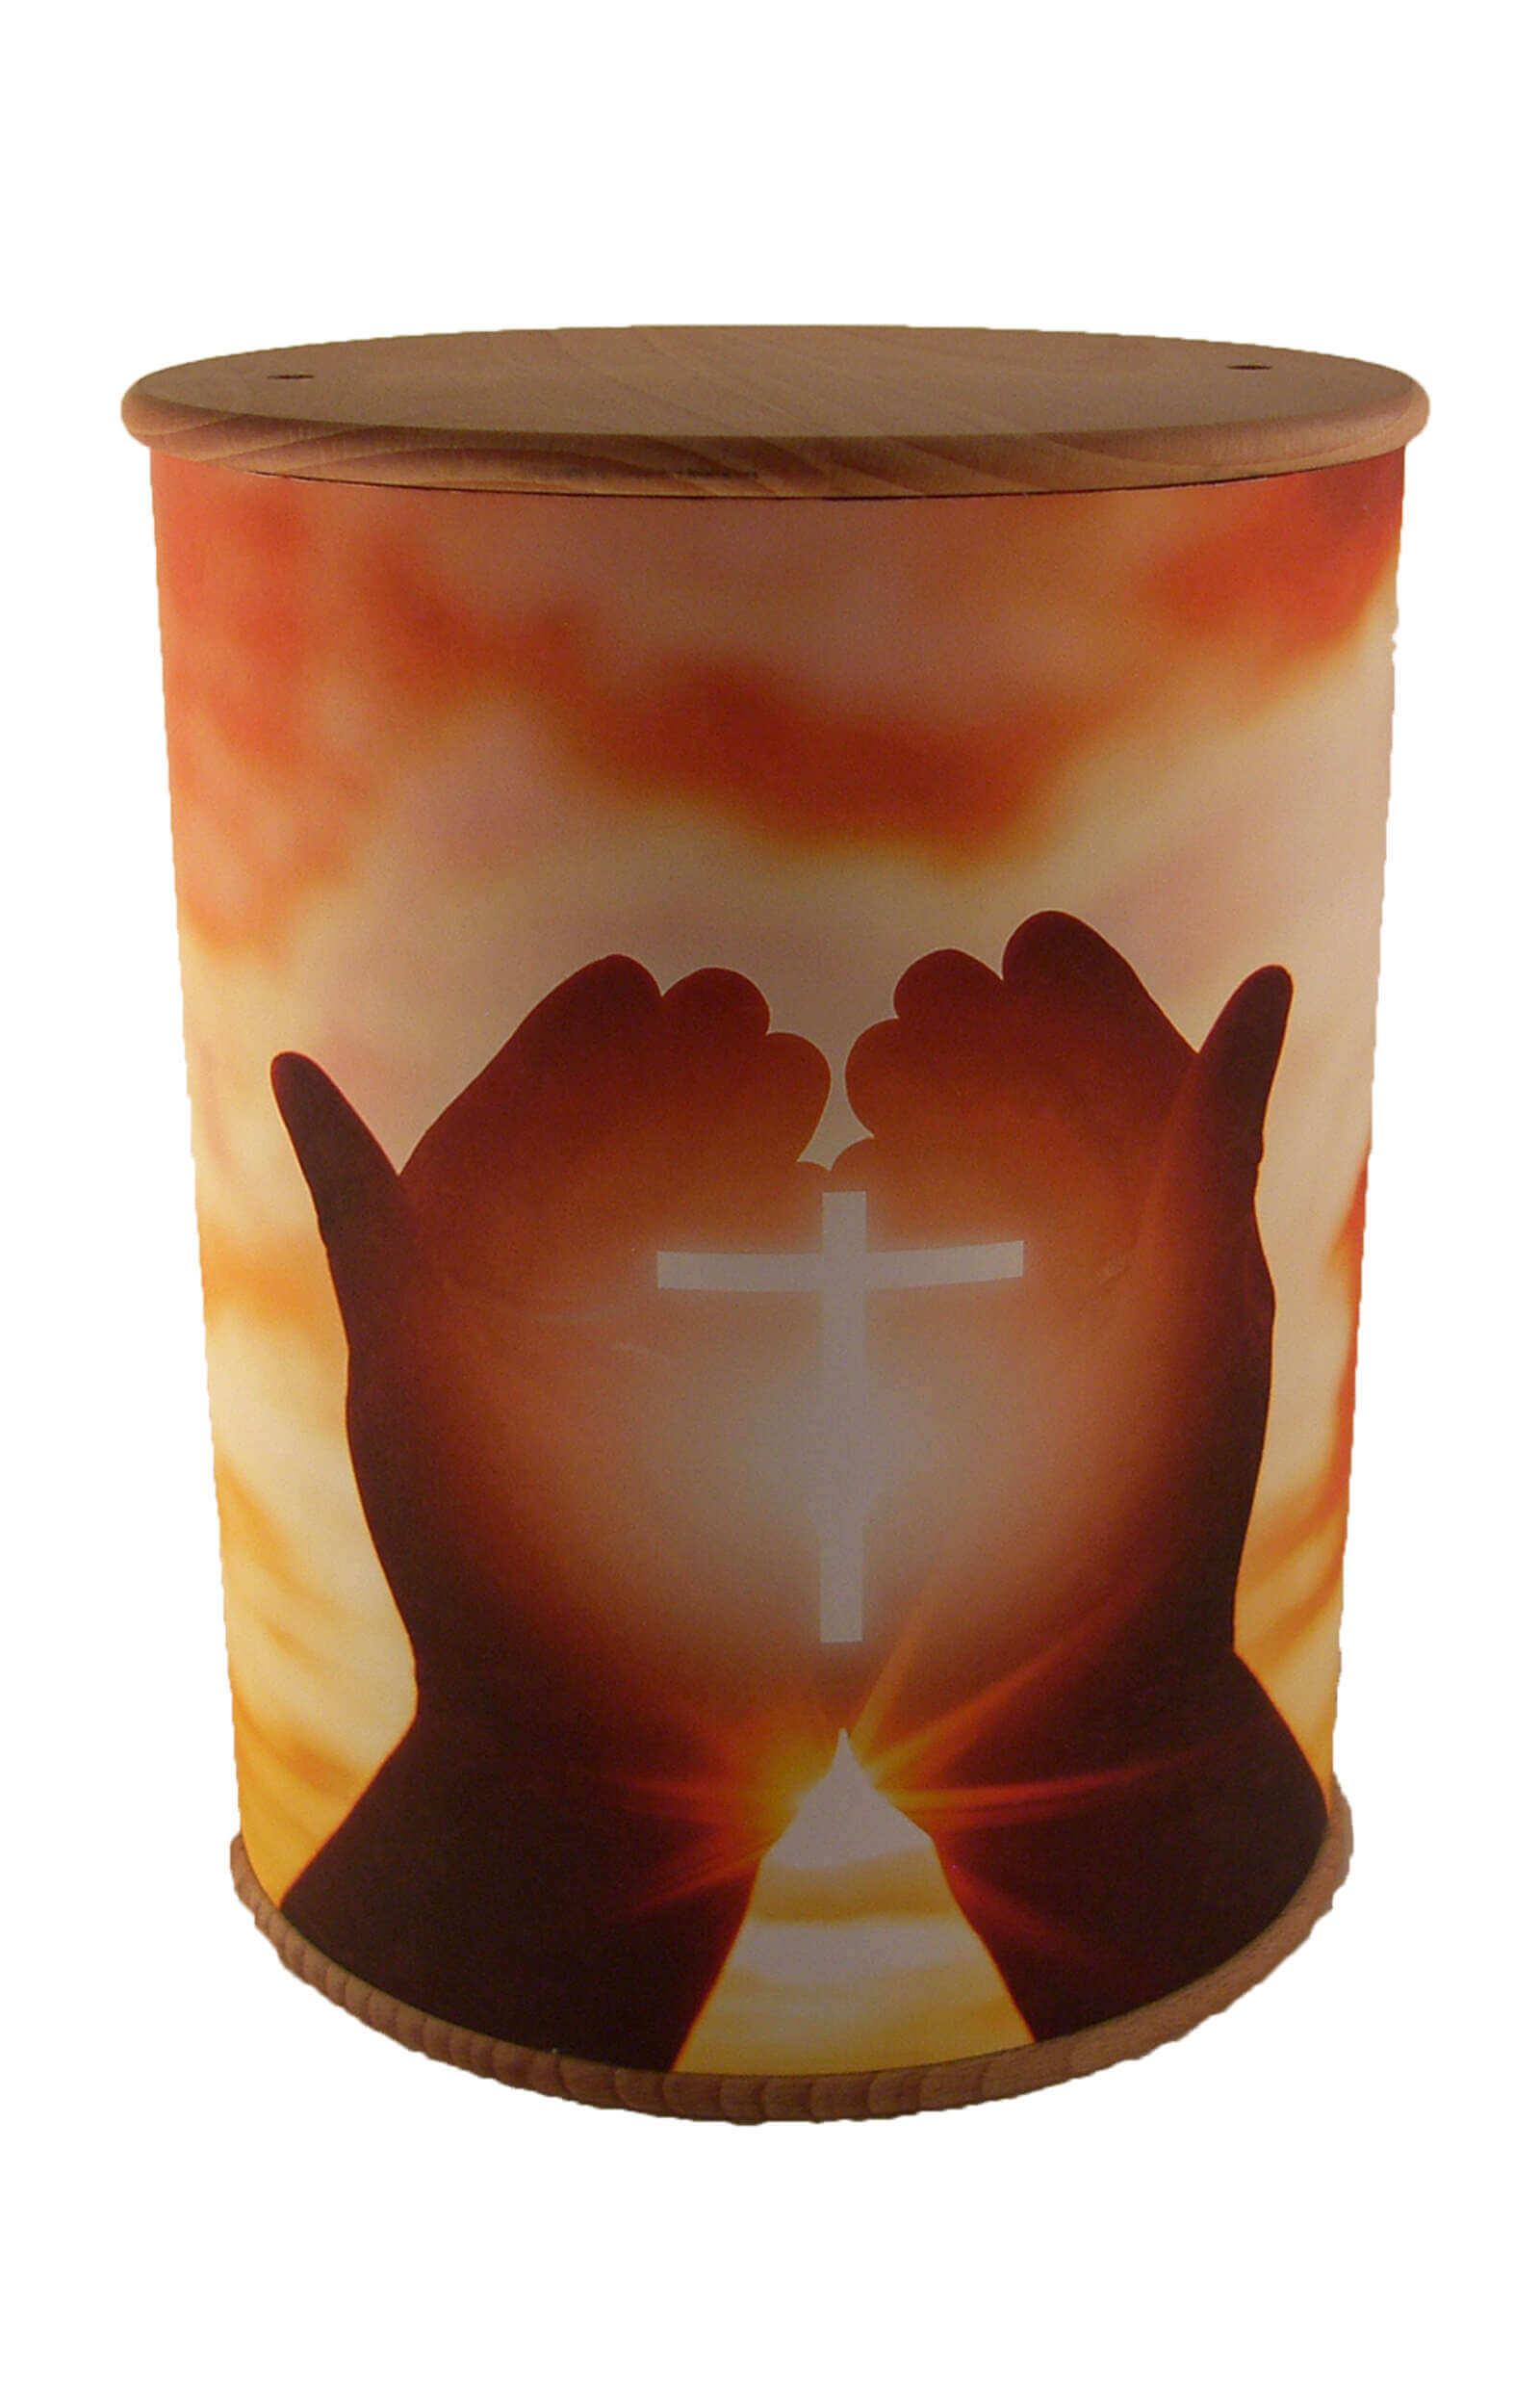 en ZB007 photo urn hands cross